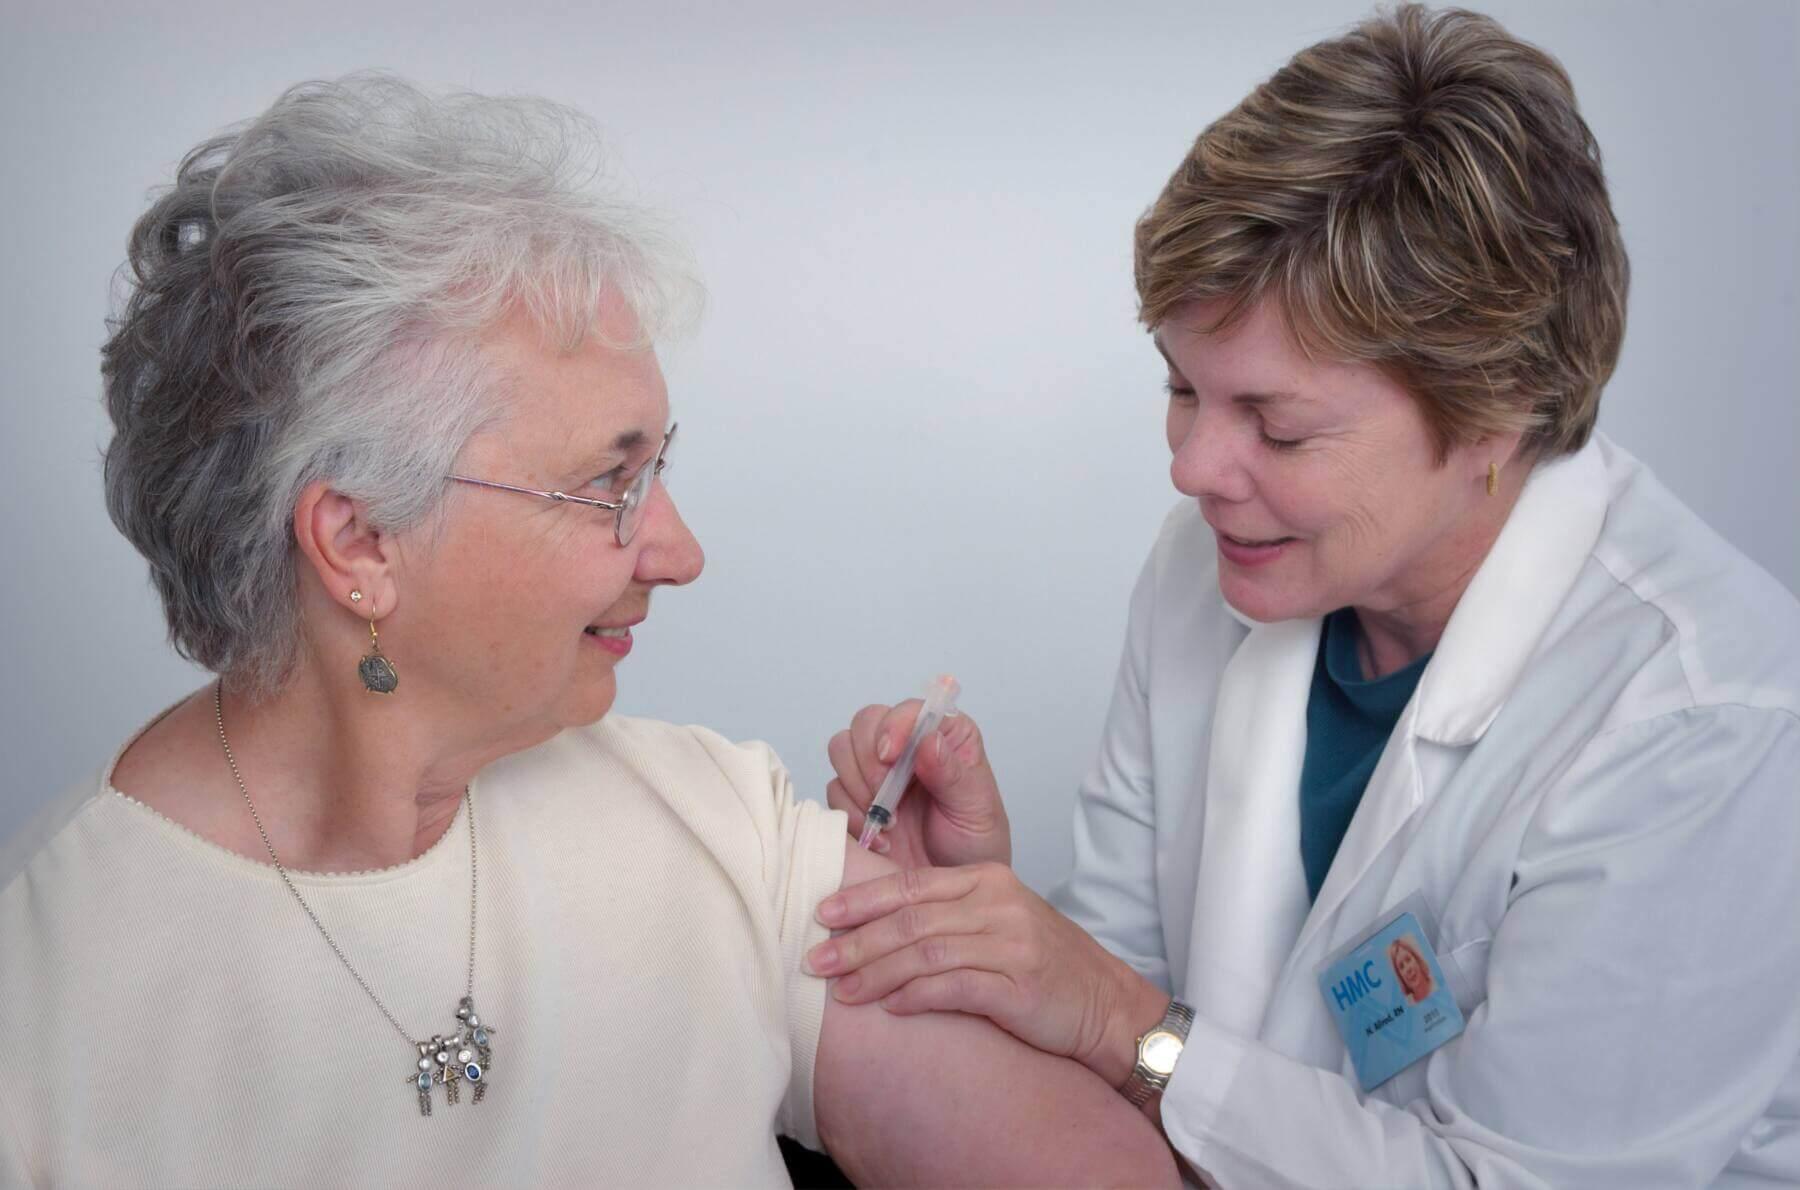 «Value-based Healthcare»: Wirksam Gegen Steigende Gesundheitskosten? – Auftakt Zur Walkerproject VBHC-Blog-Serie